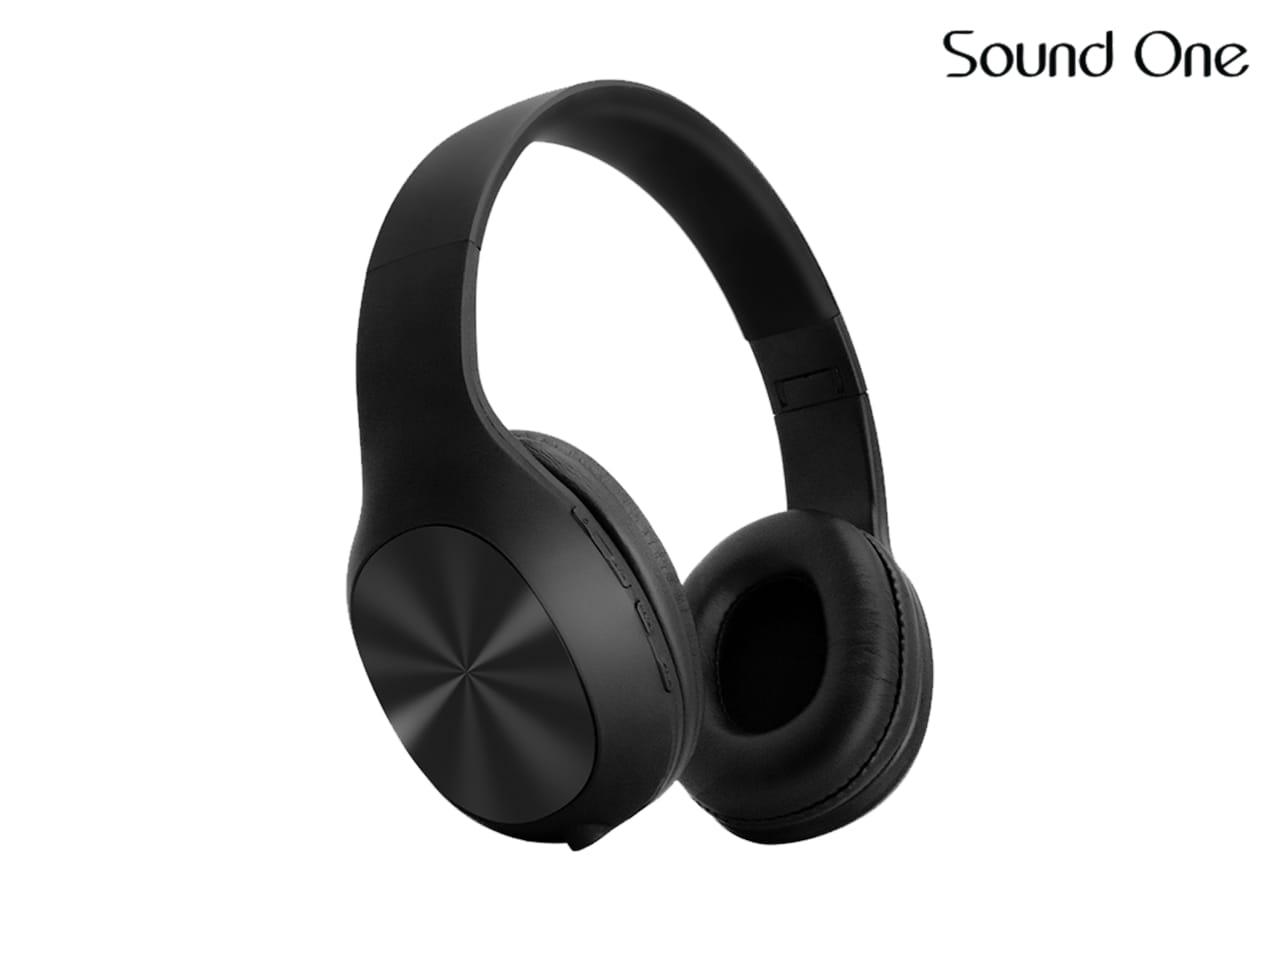 V11 By Sound One